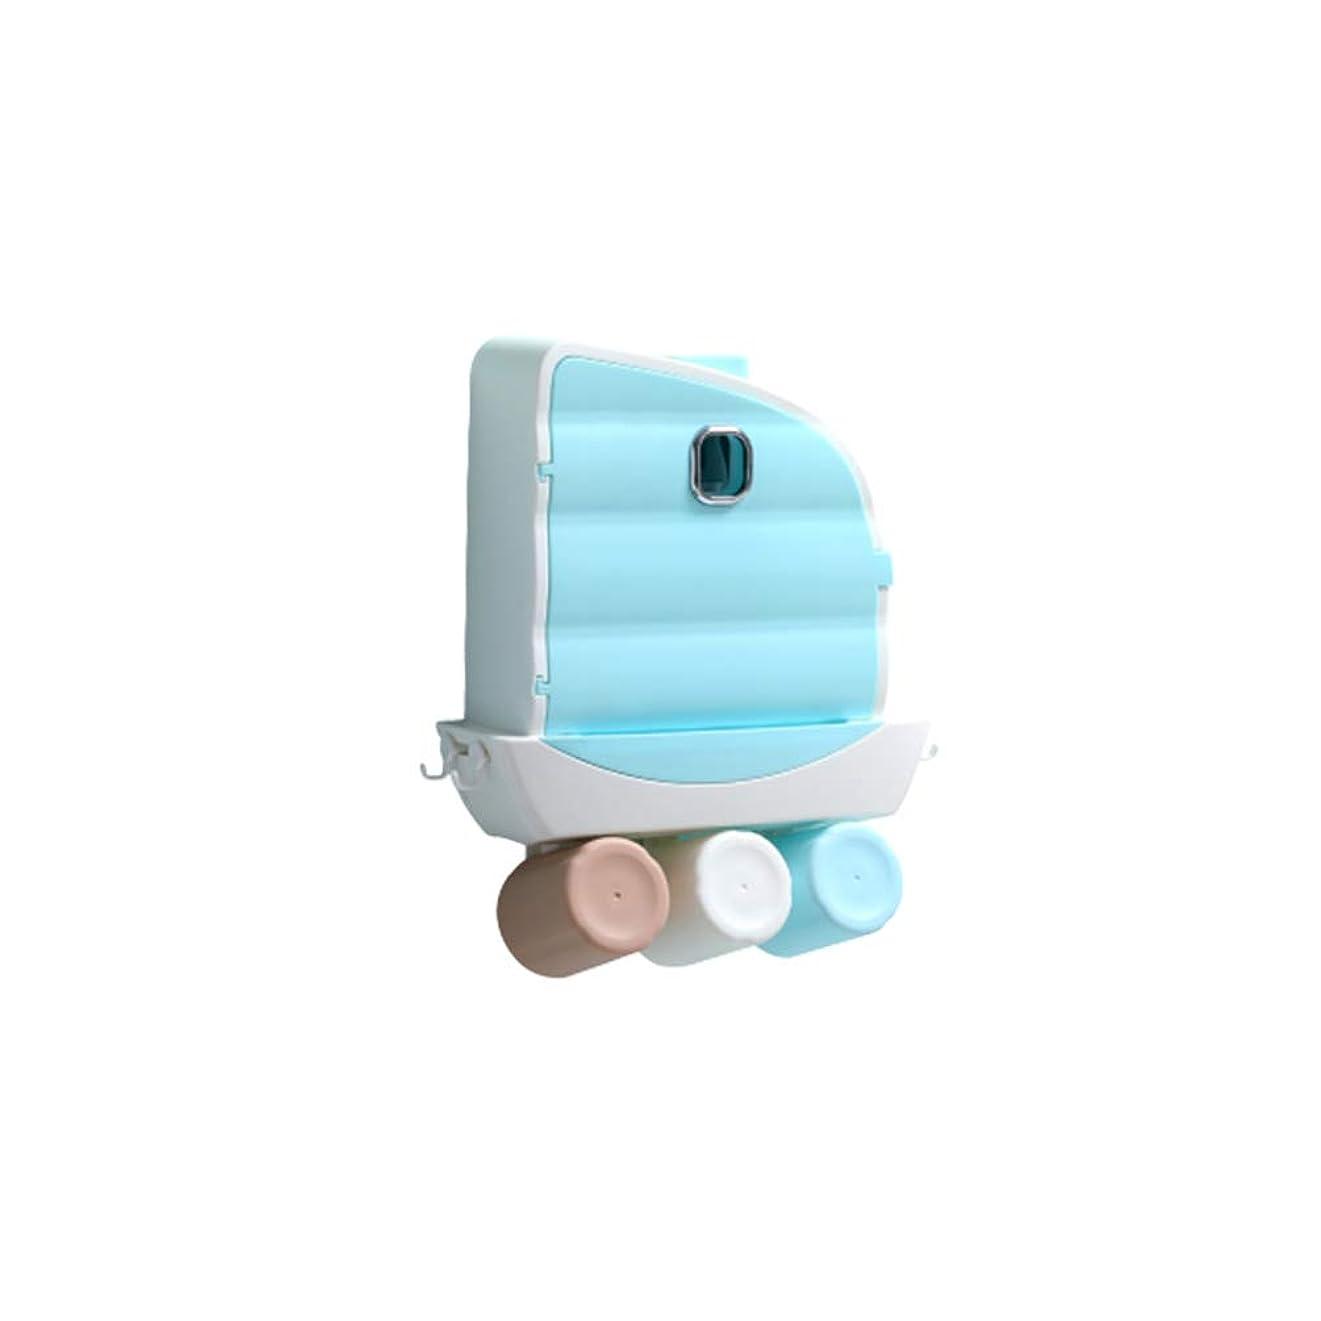 ロードされた暗くするジャニスHealifty 歯ブラシホルダー壁掛け歯磨き粉スクイーザーキット(3カップ付き)